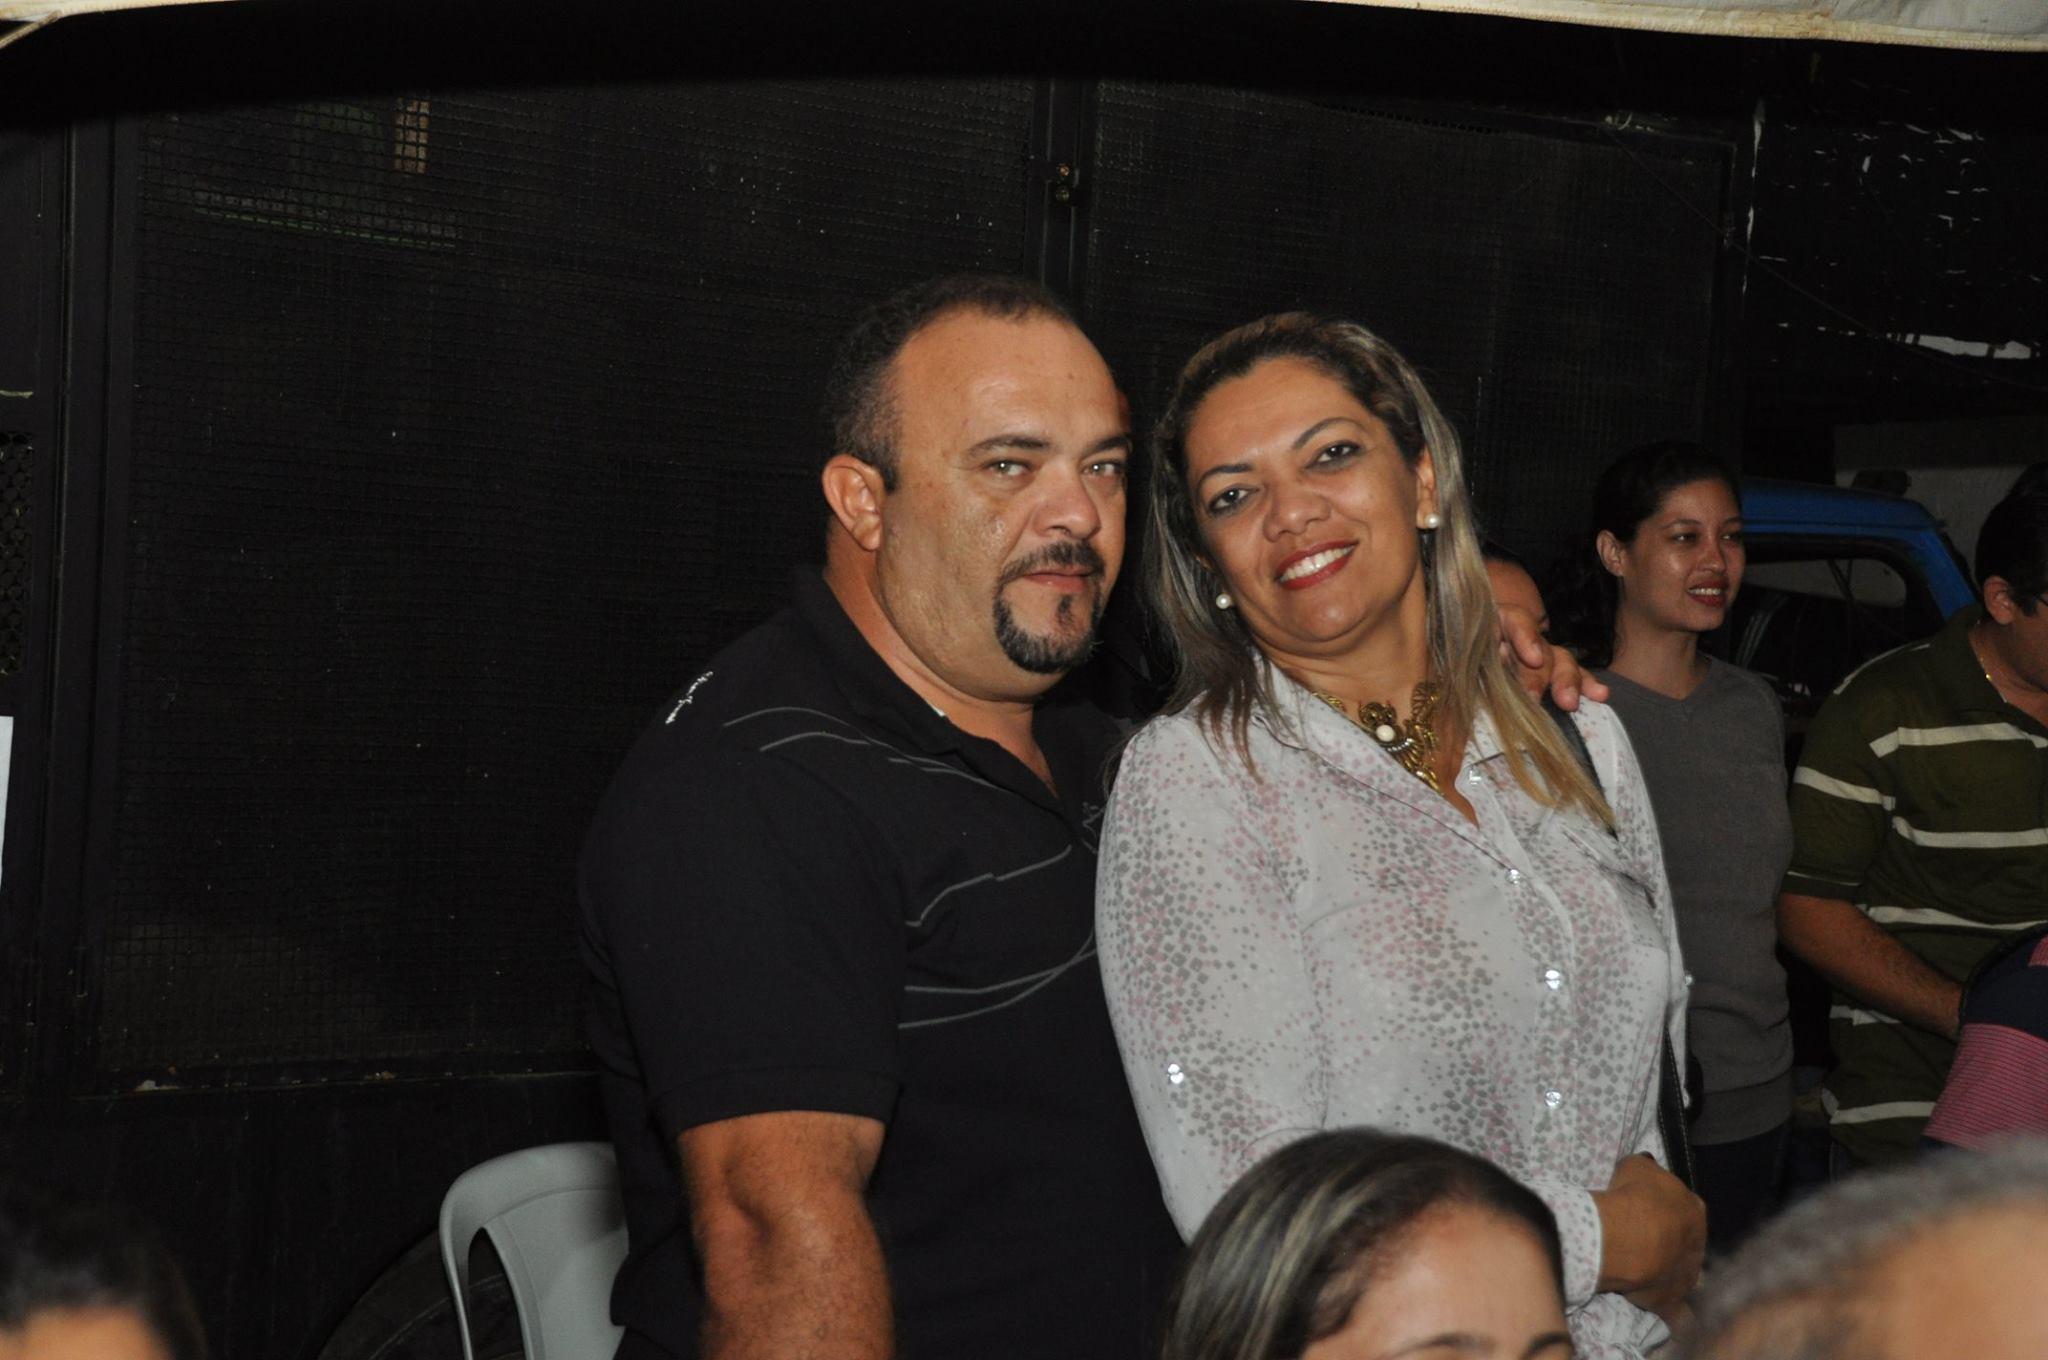 19143698_1899324797007377_42418987291752944_o-1024x680 OPIPOCO mostra como foi a Segunda noite do festival de quadrilhas em Monteiro. Confira Imagens